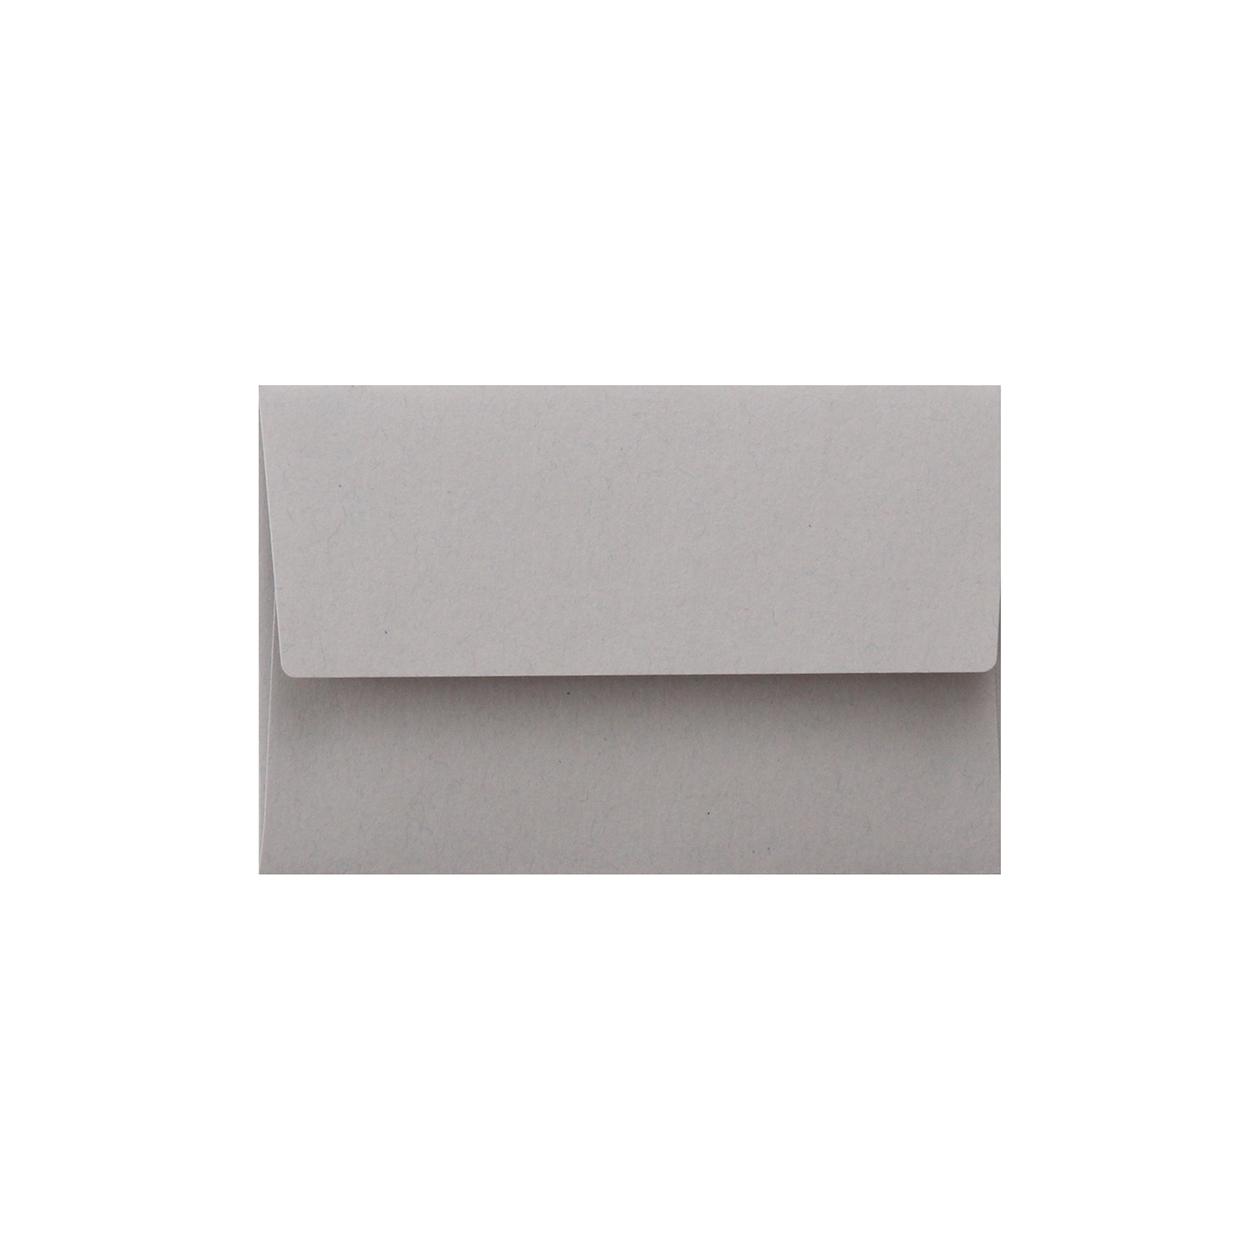 サンプル 封筒・袋 00111